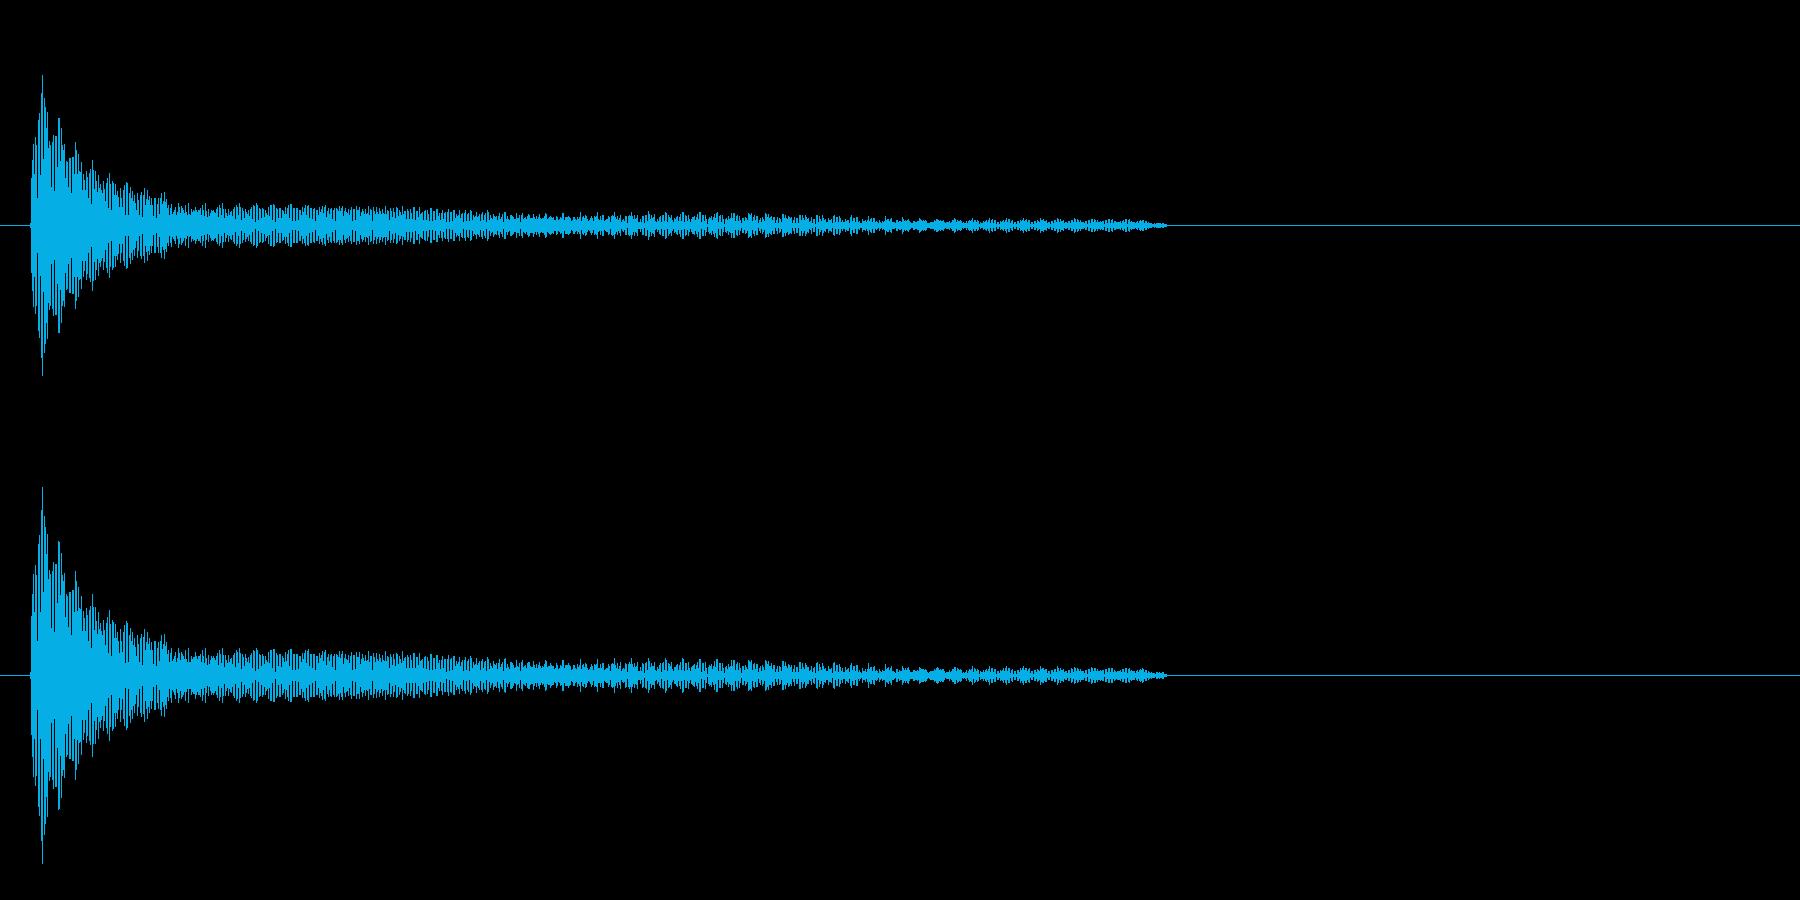 機械系の音の再生済みの波形